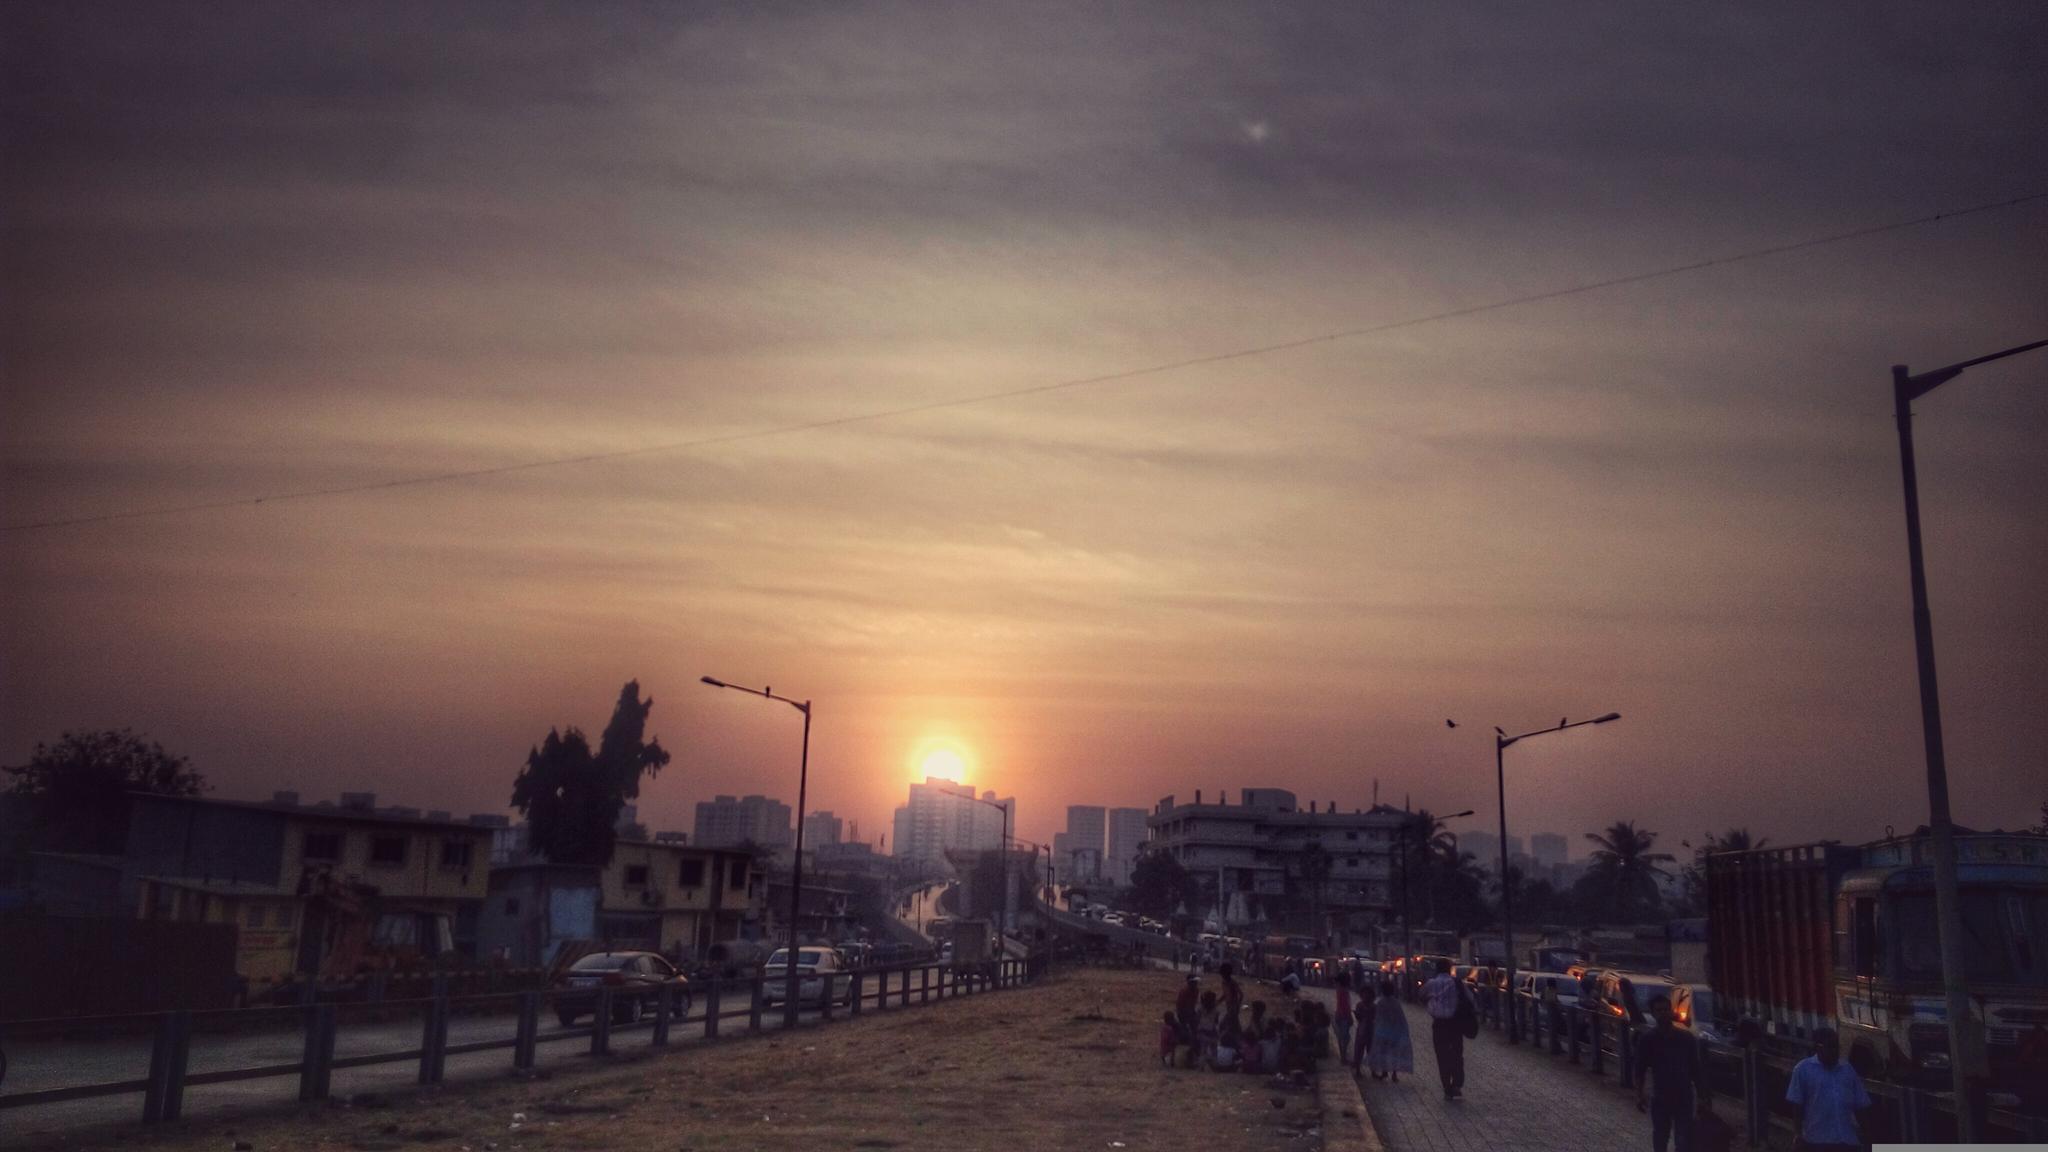 Mumbai Meri Jaaan ! by Ðevavrat Abhyankar